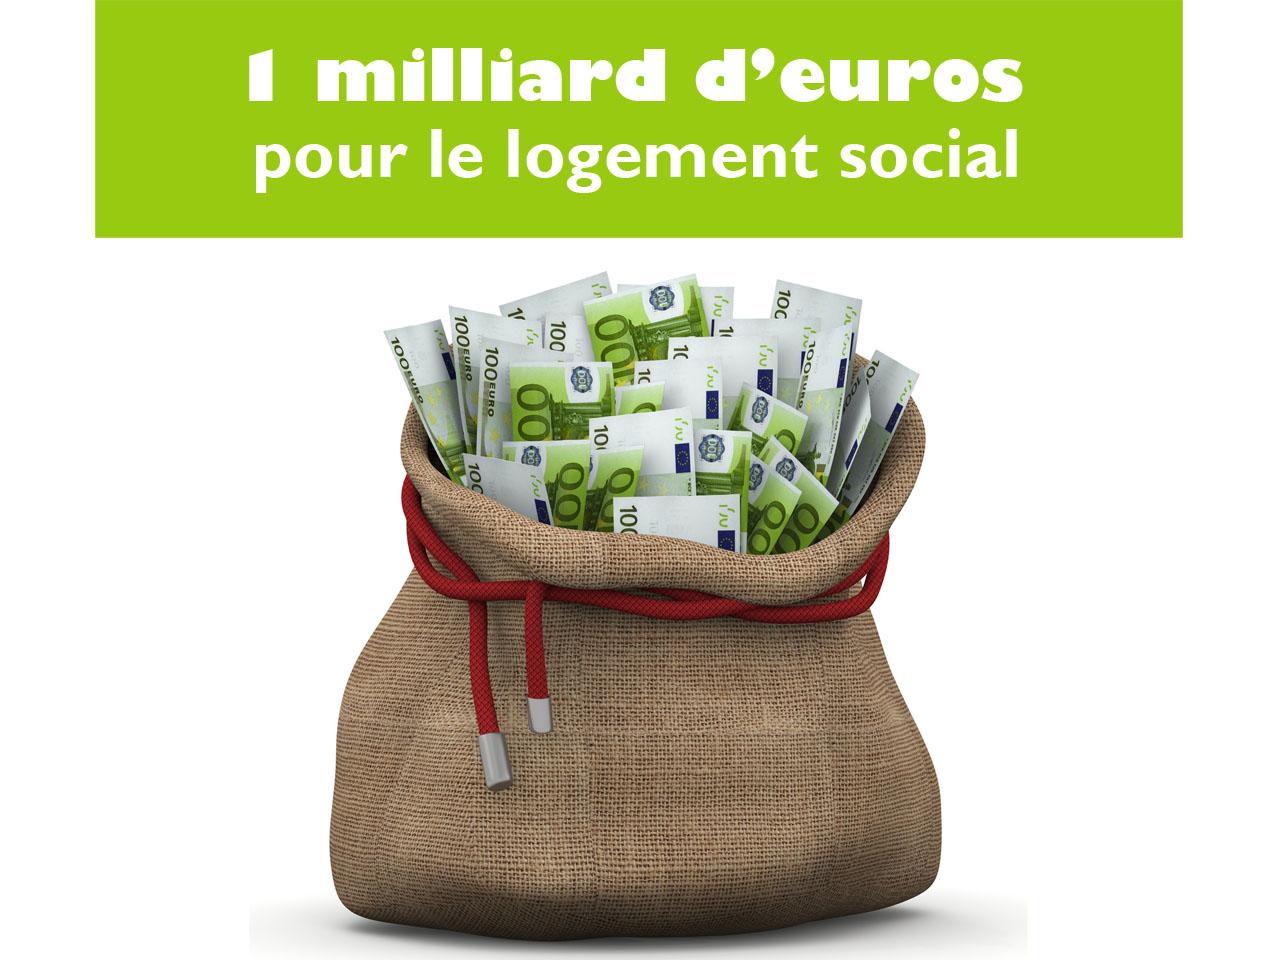 Un milliard d'euros supplémentaire pour le logement social